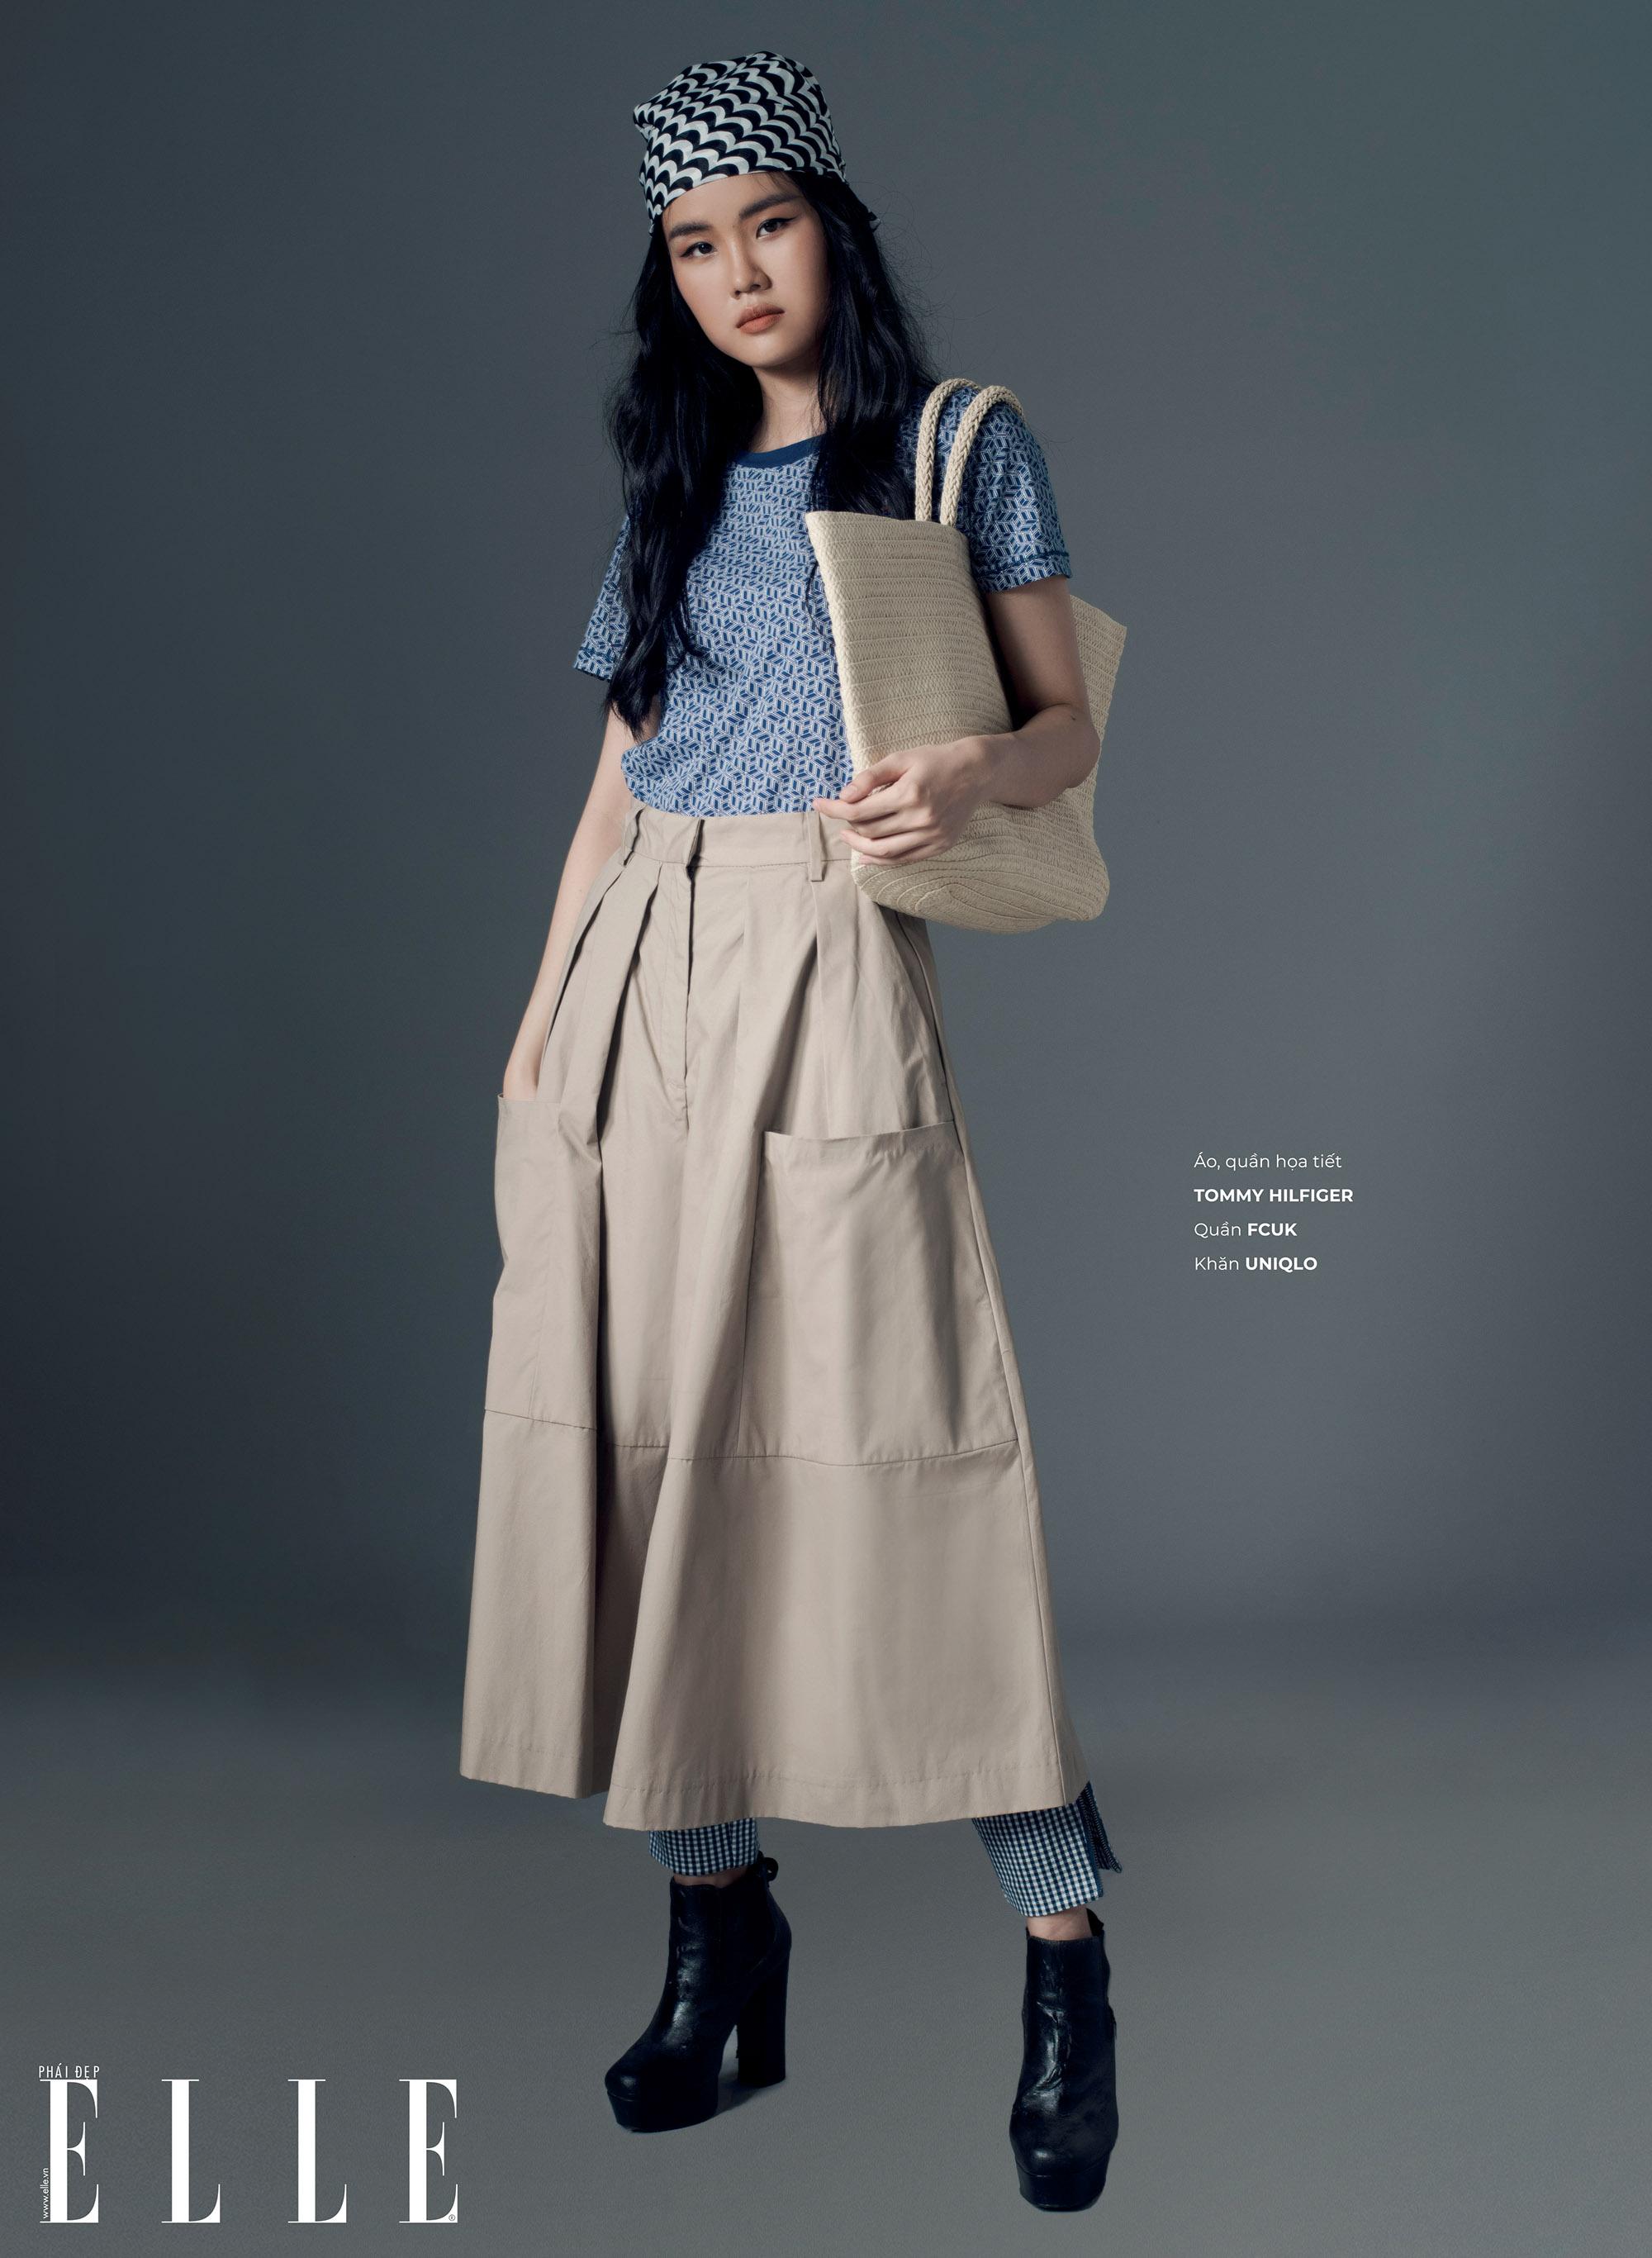 áo thun kết hợp chân váy và quần